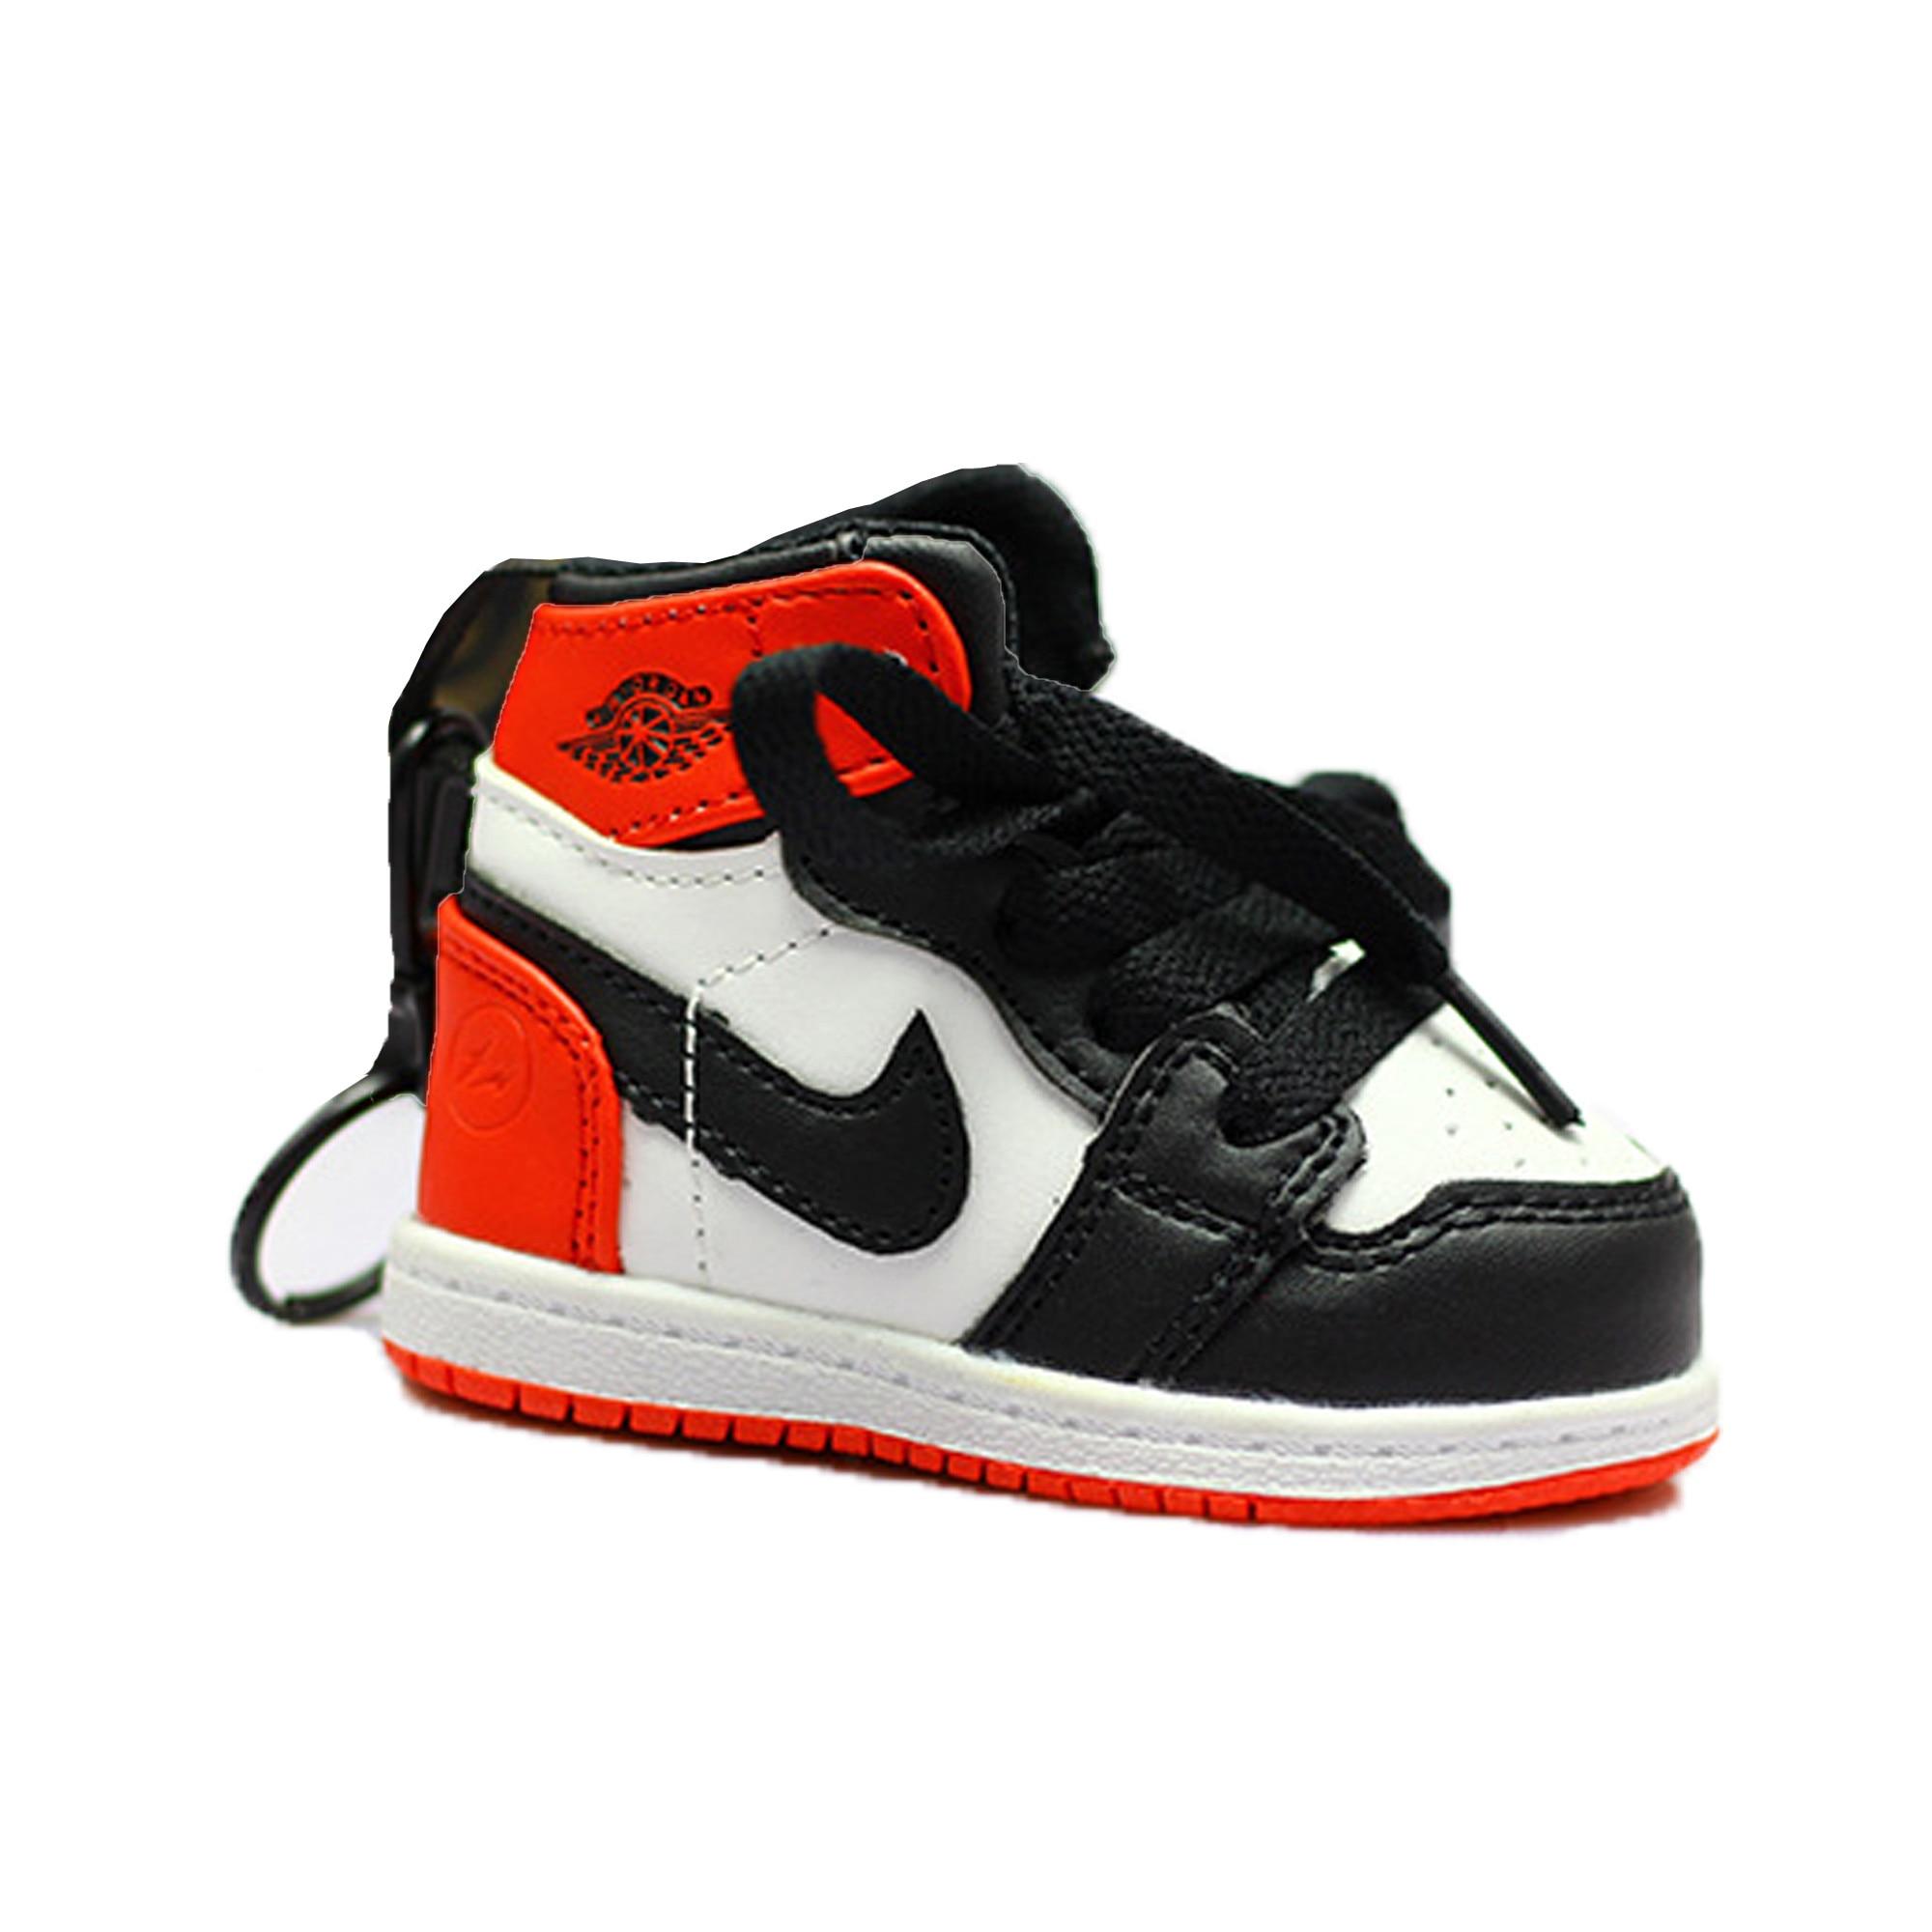 Underhåll Motsätta Tyvärr  Power bank 8000 mAh Nike shoes tip breloc white - eMAG.ro